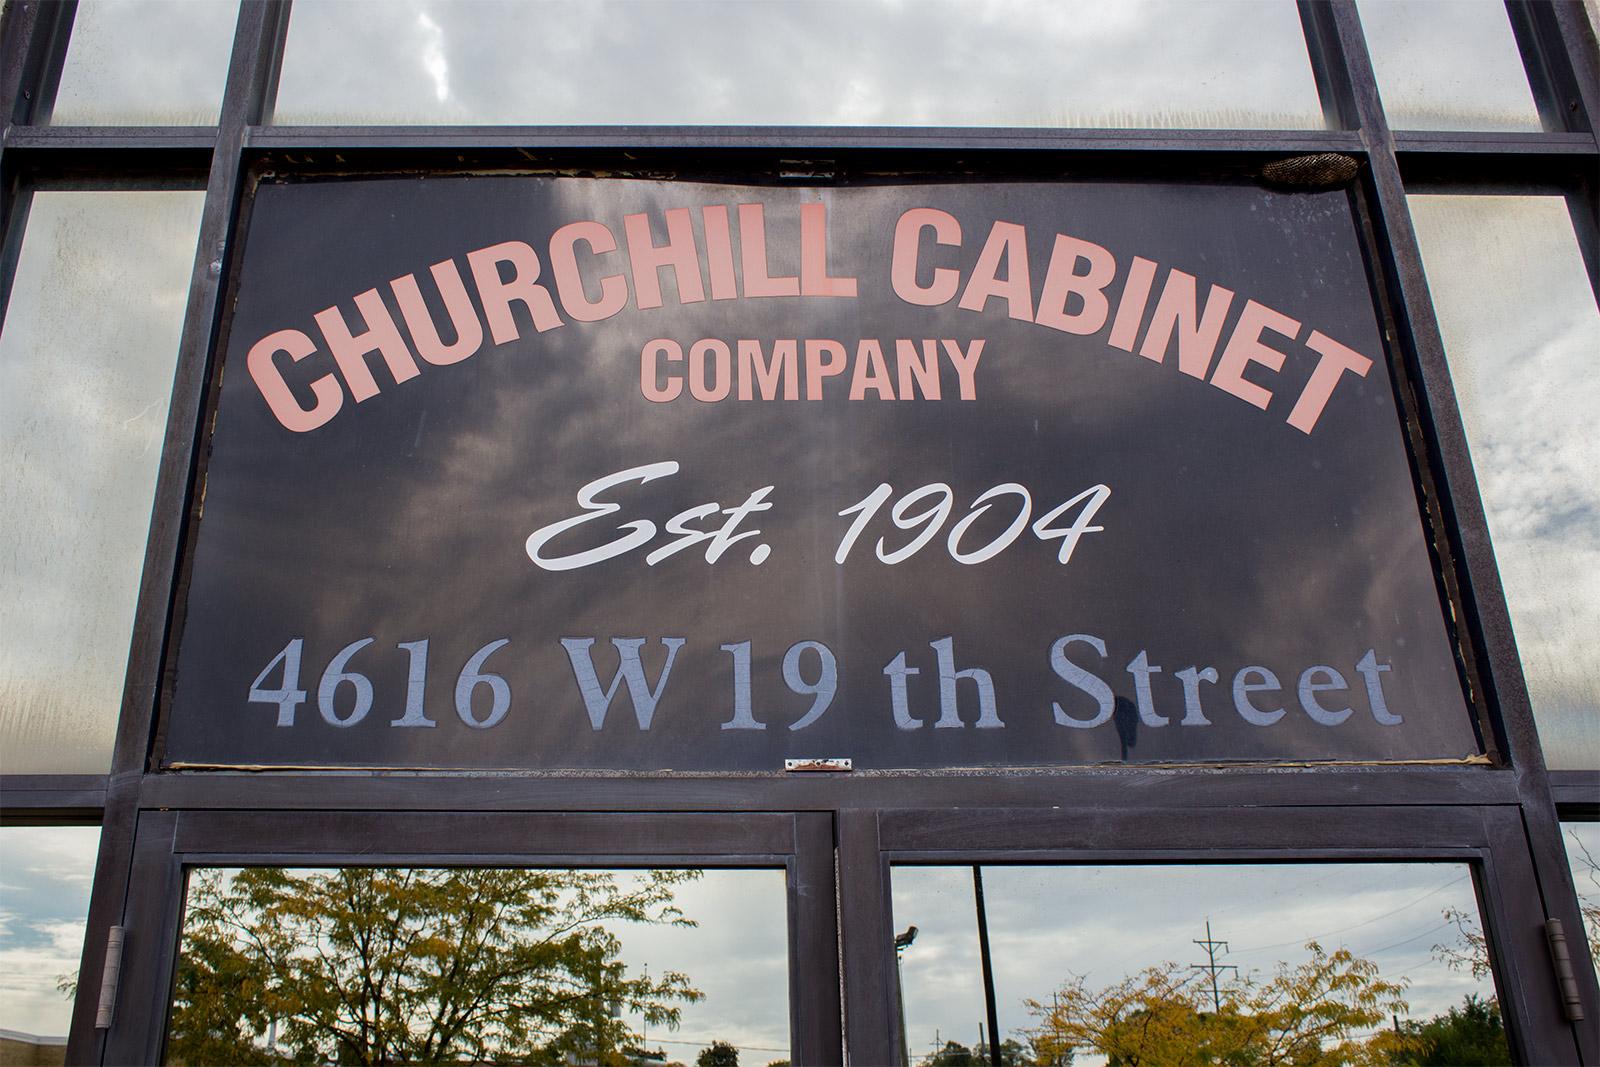 Churchill Cabinet Co